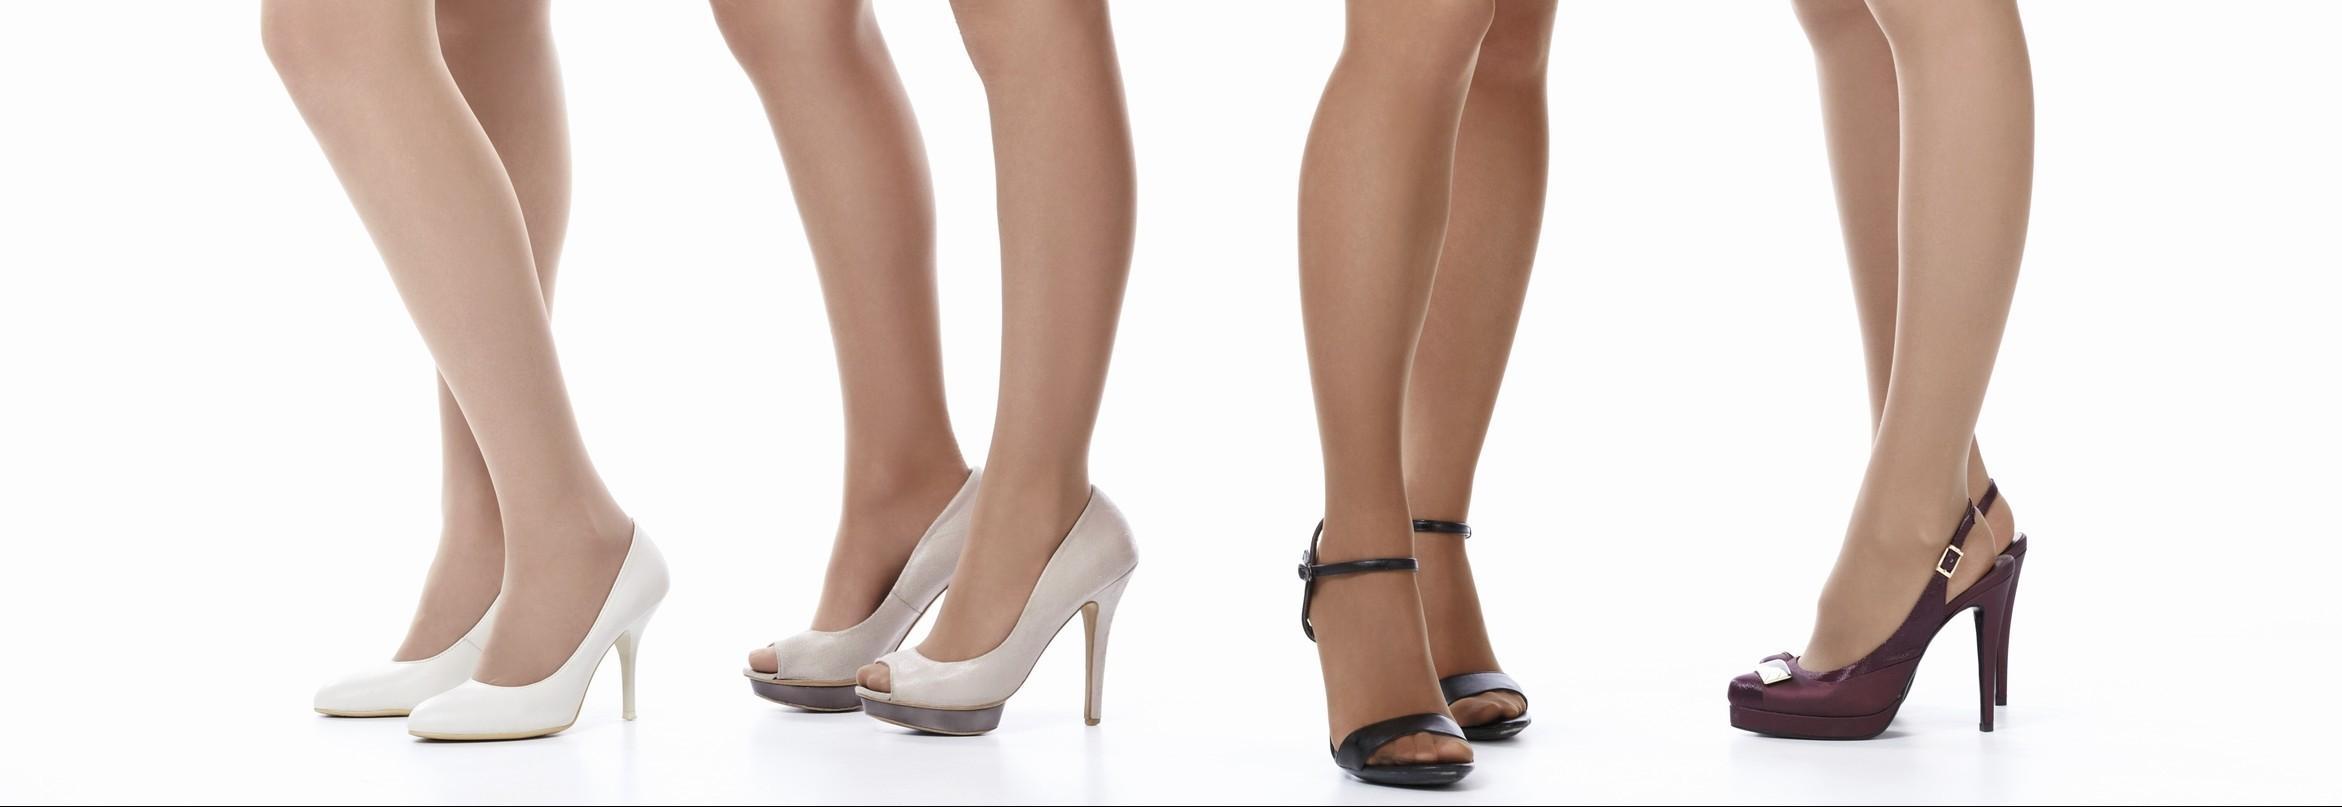 high-heels-e1463751599108